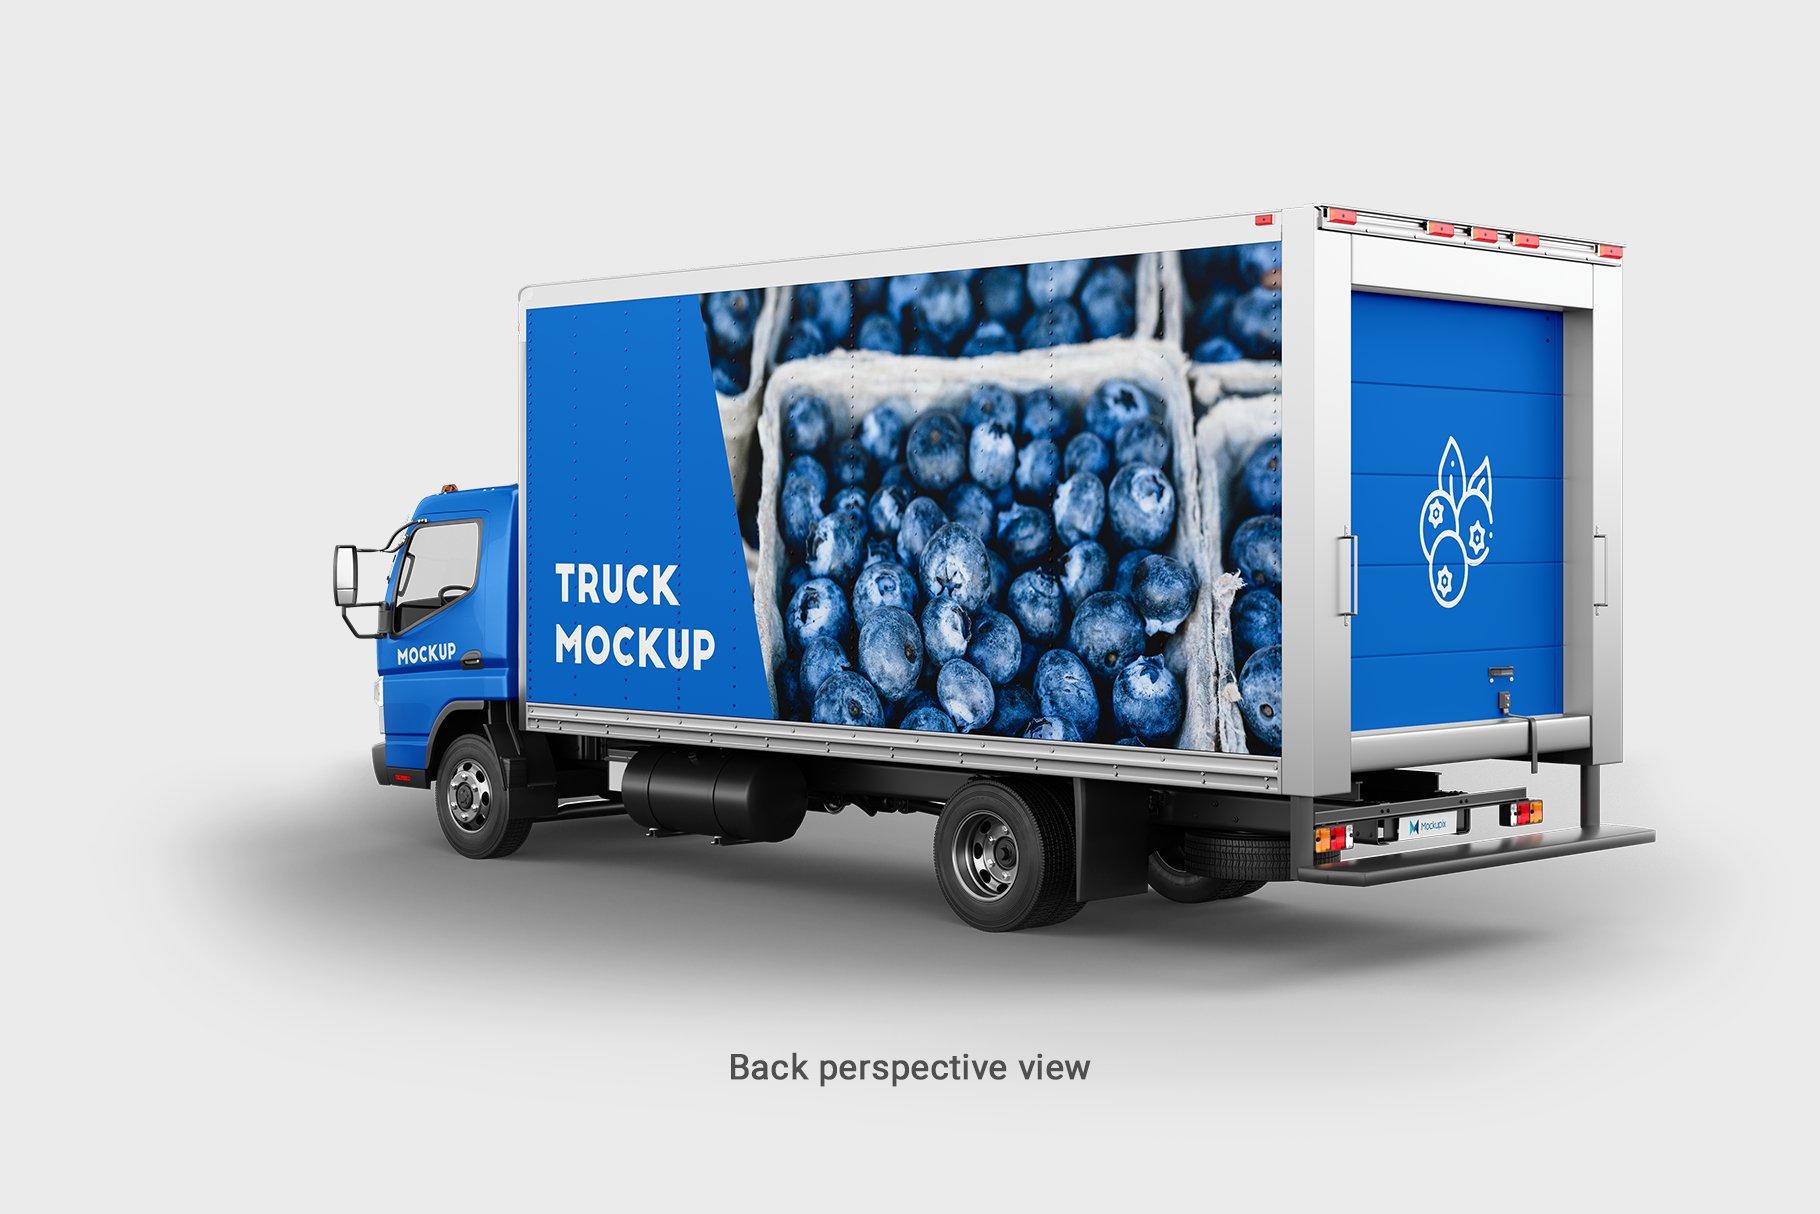 6款厢式货车卡车车身广告设计展示样机 Truck Mockup 4插图(7)